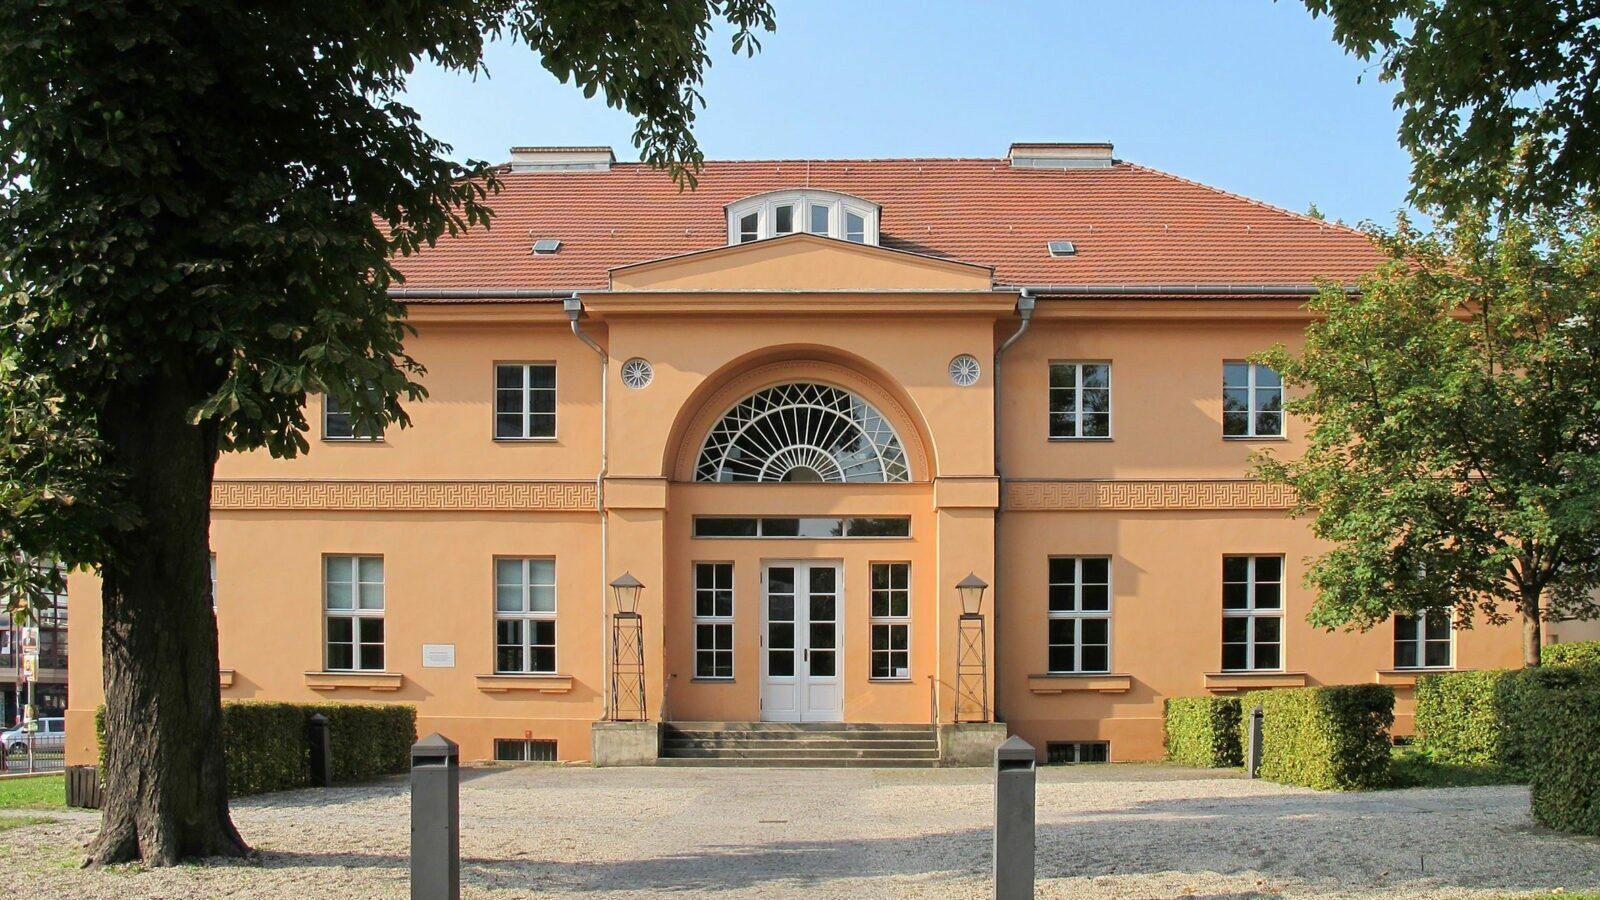 Gutshaus Steglitz